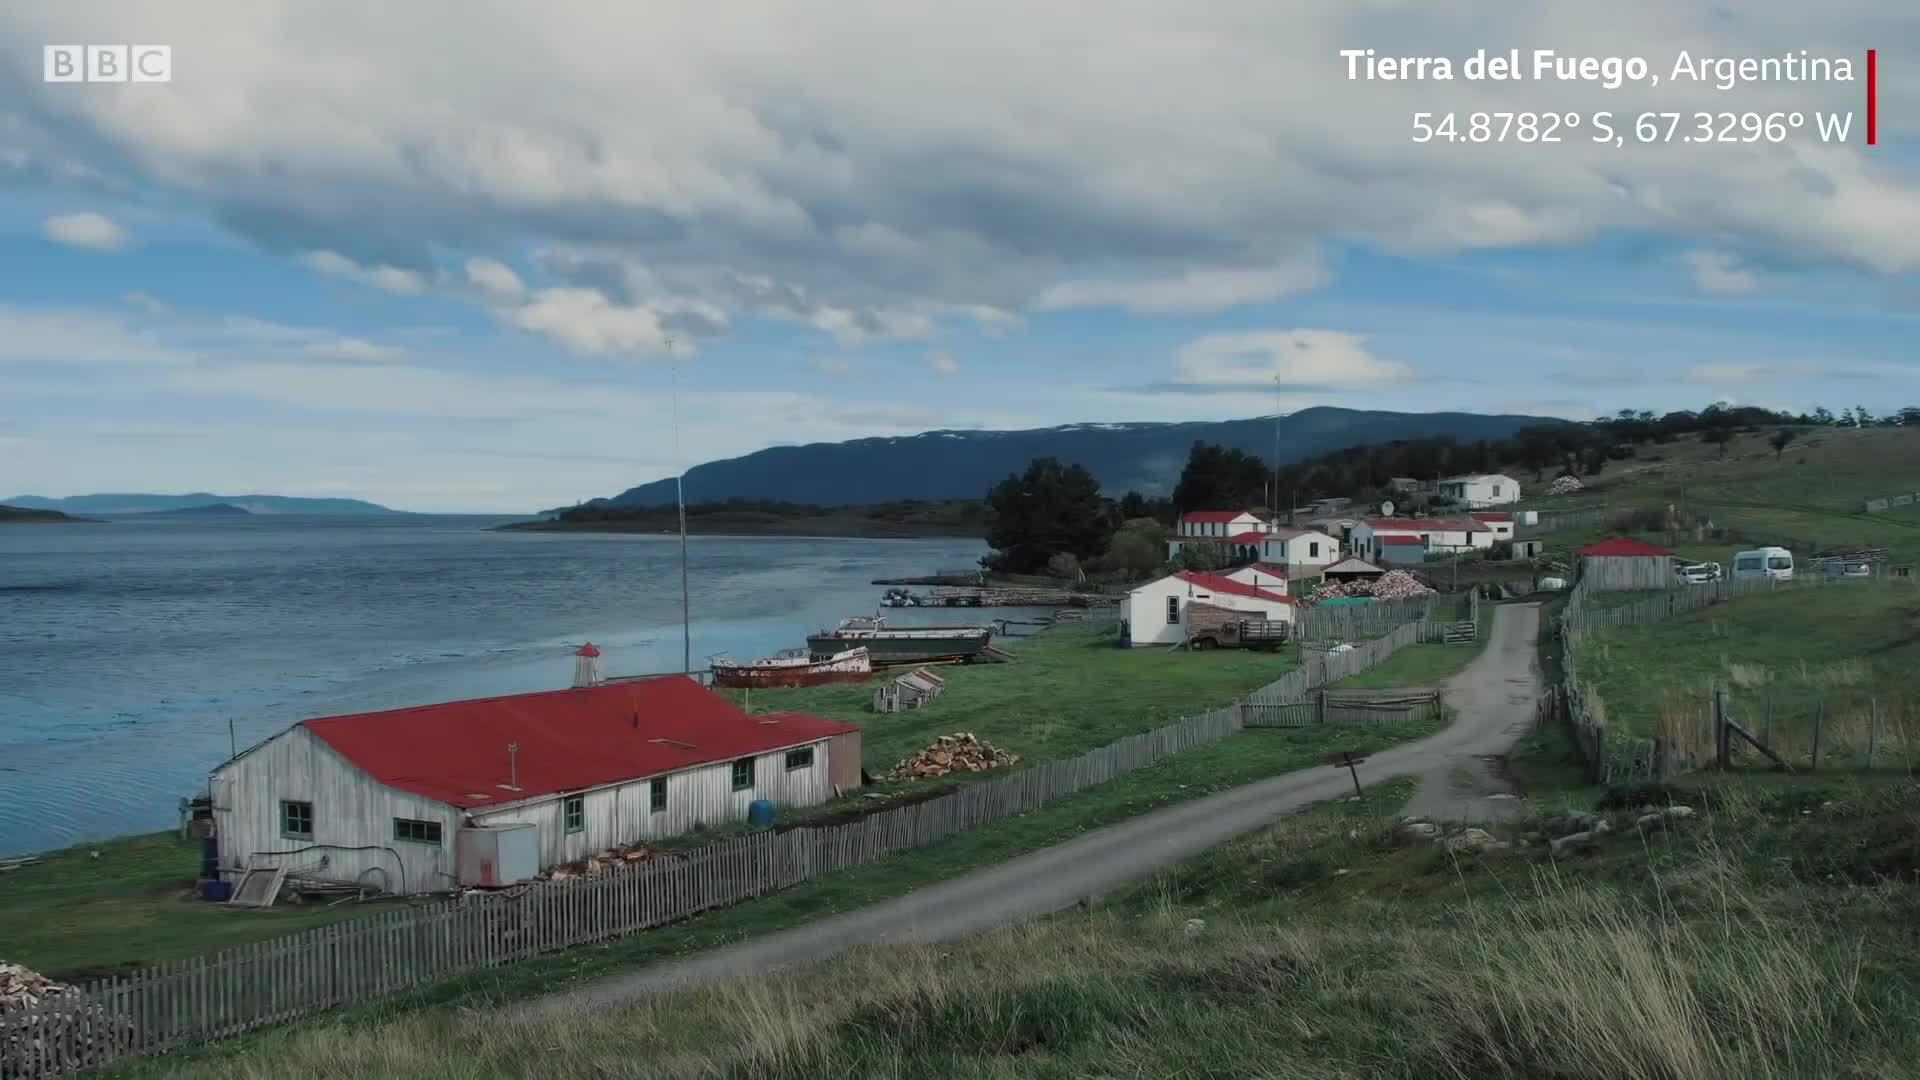 Trang trại Argentina hơn 130 năm tuổi ở nơi tận cùng thế giới